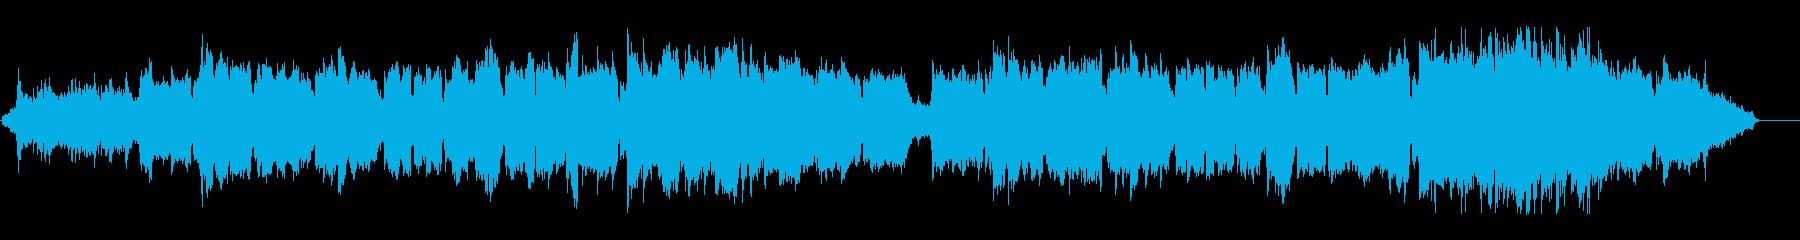 雄大な自然を思わせる二胡メイン曲の再生済みの波形